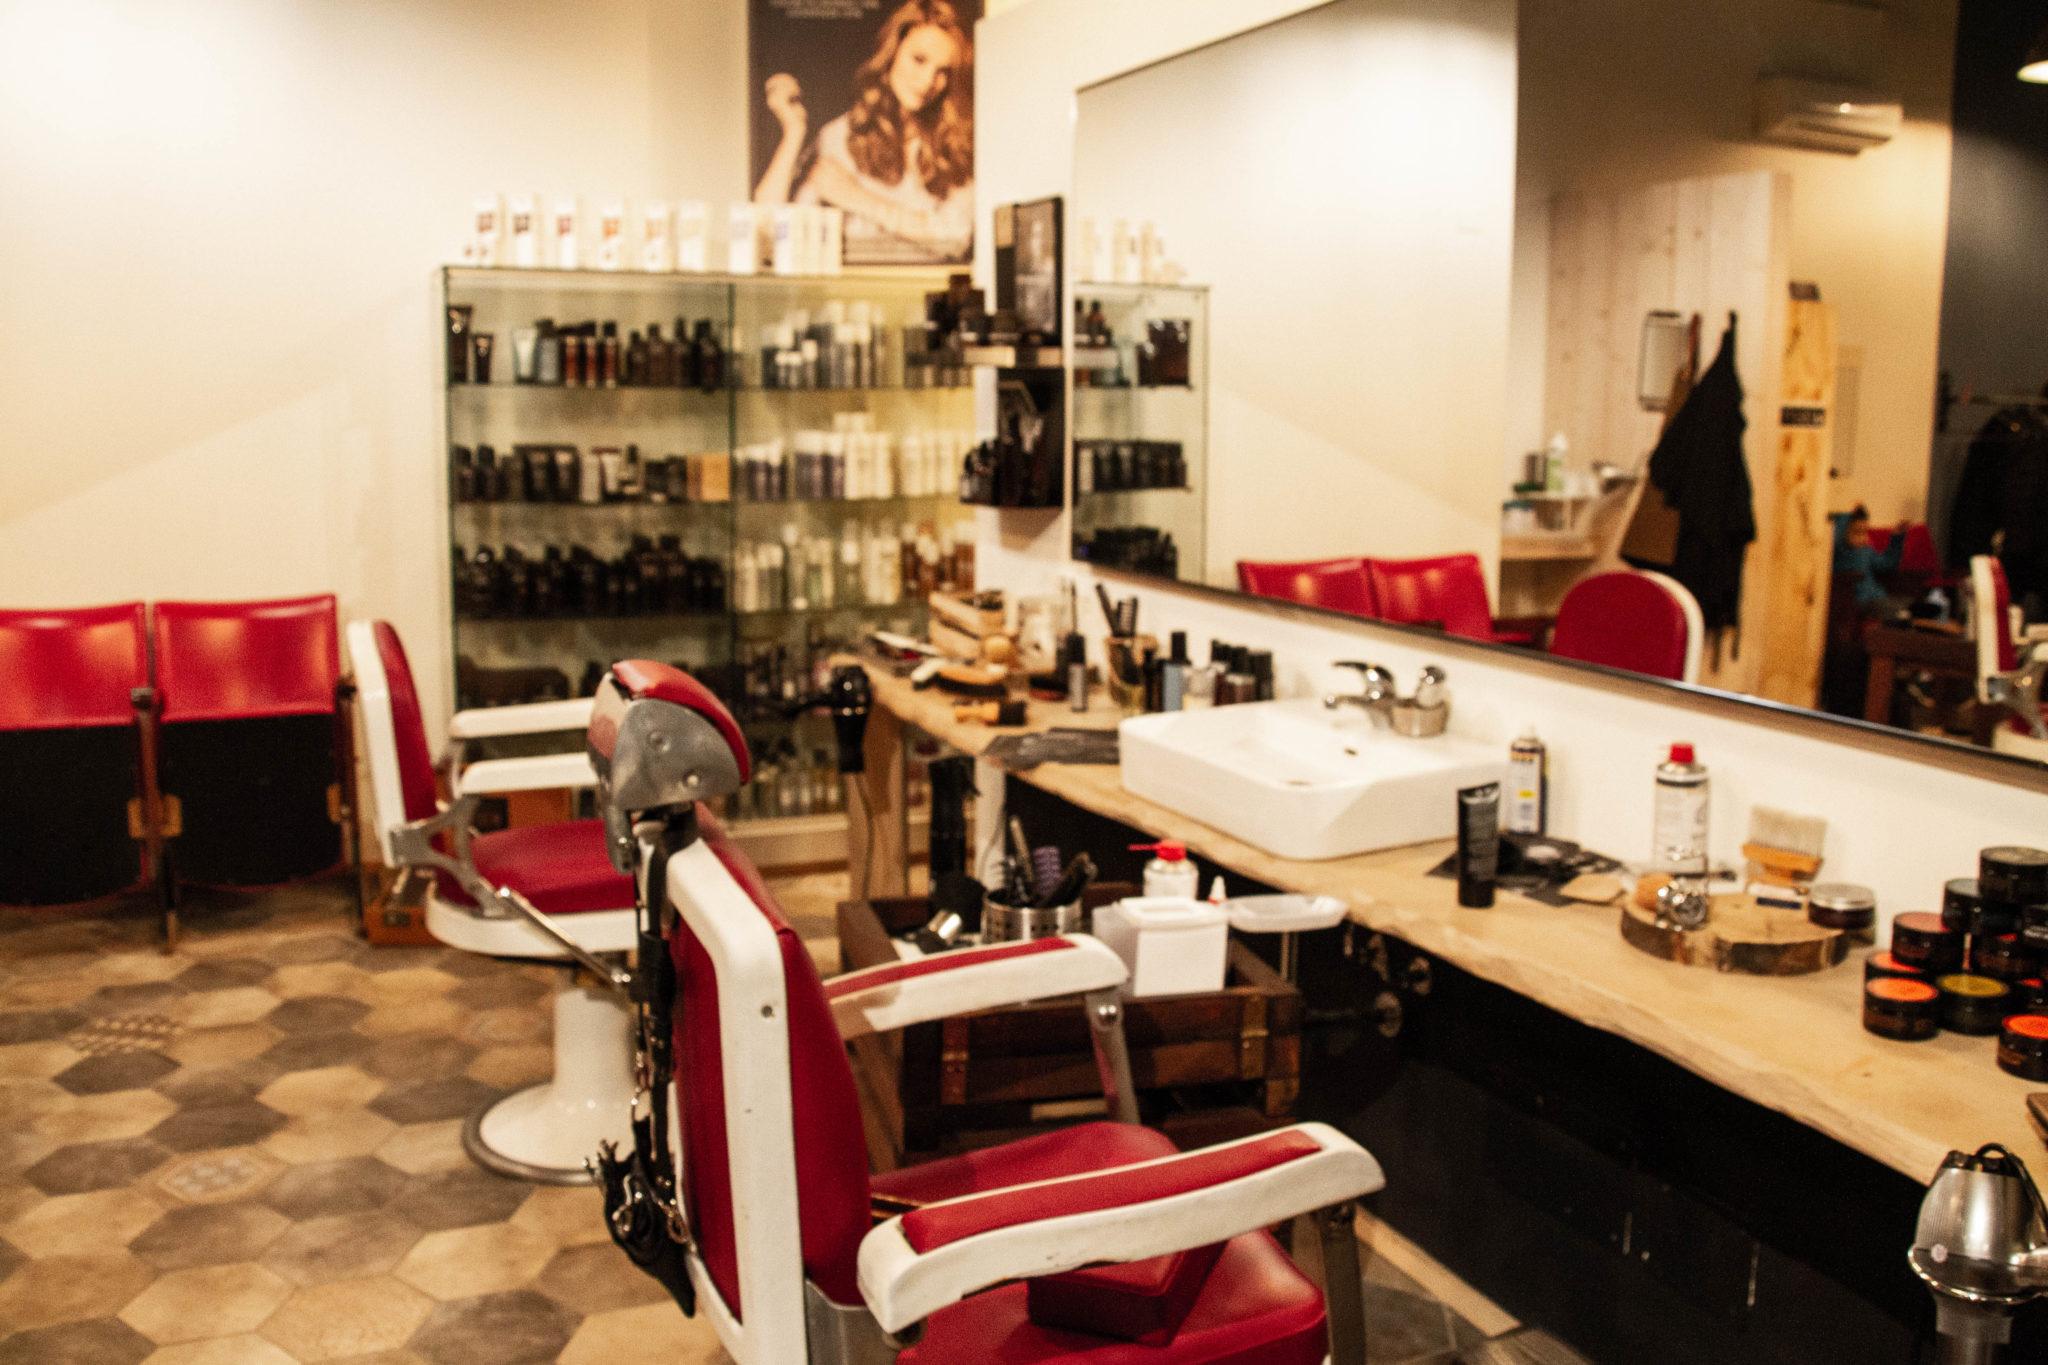 Musica rockabilly, panni caldi e rasoio, è Miss Didì: il barbershop in stile pink rock. Perché se una donna vuole, può fare tutto. Anche la barba.